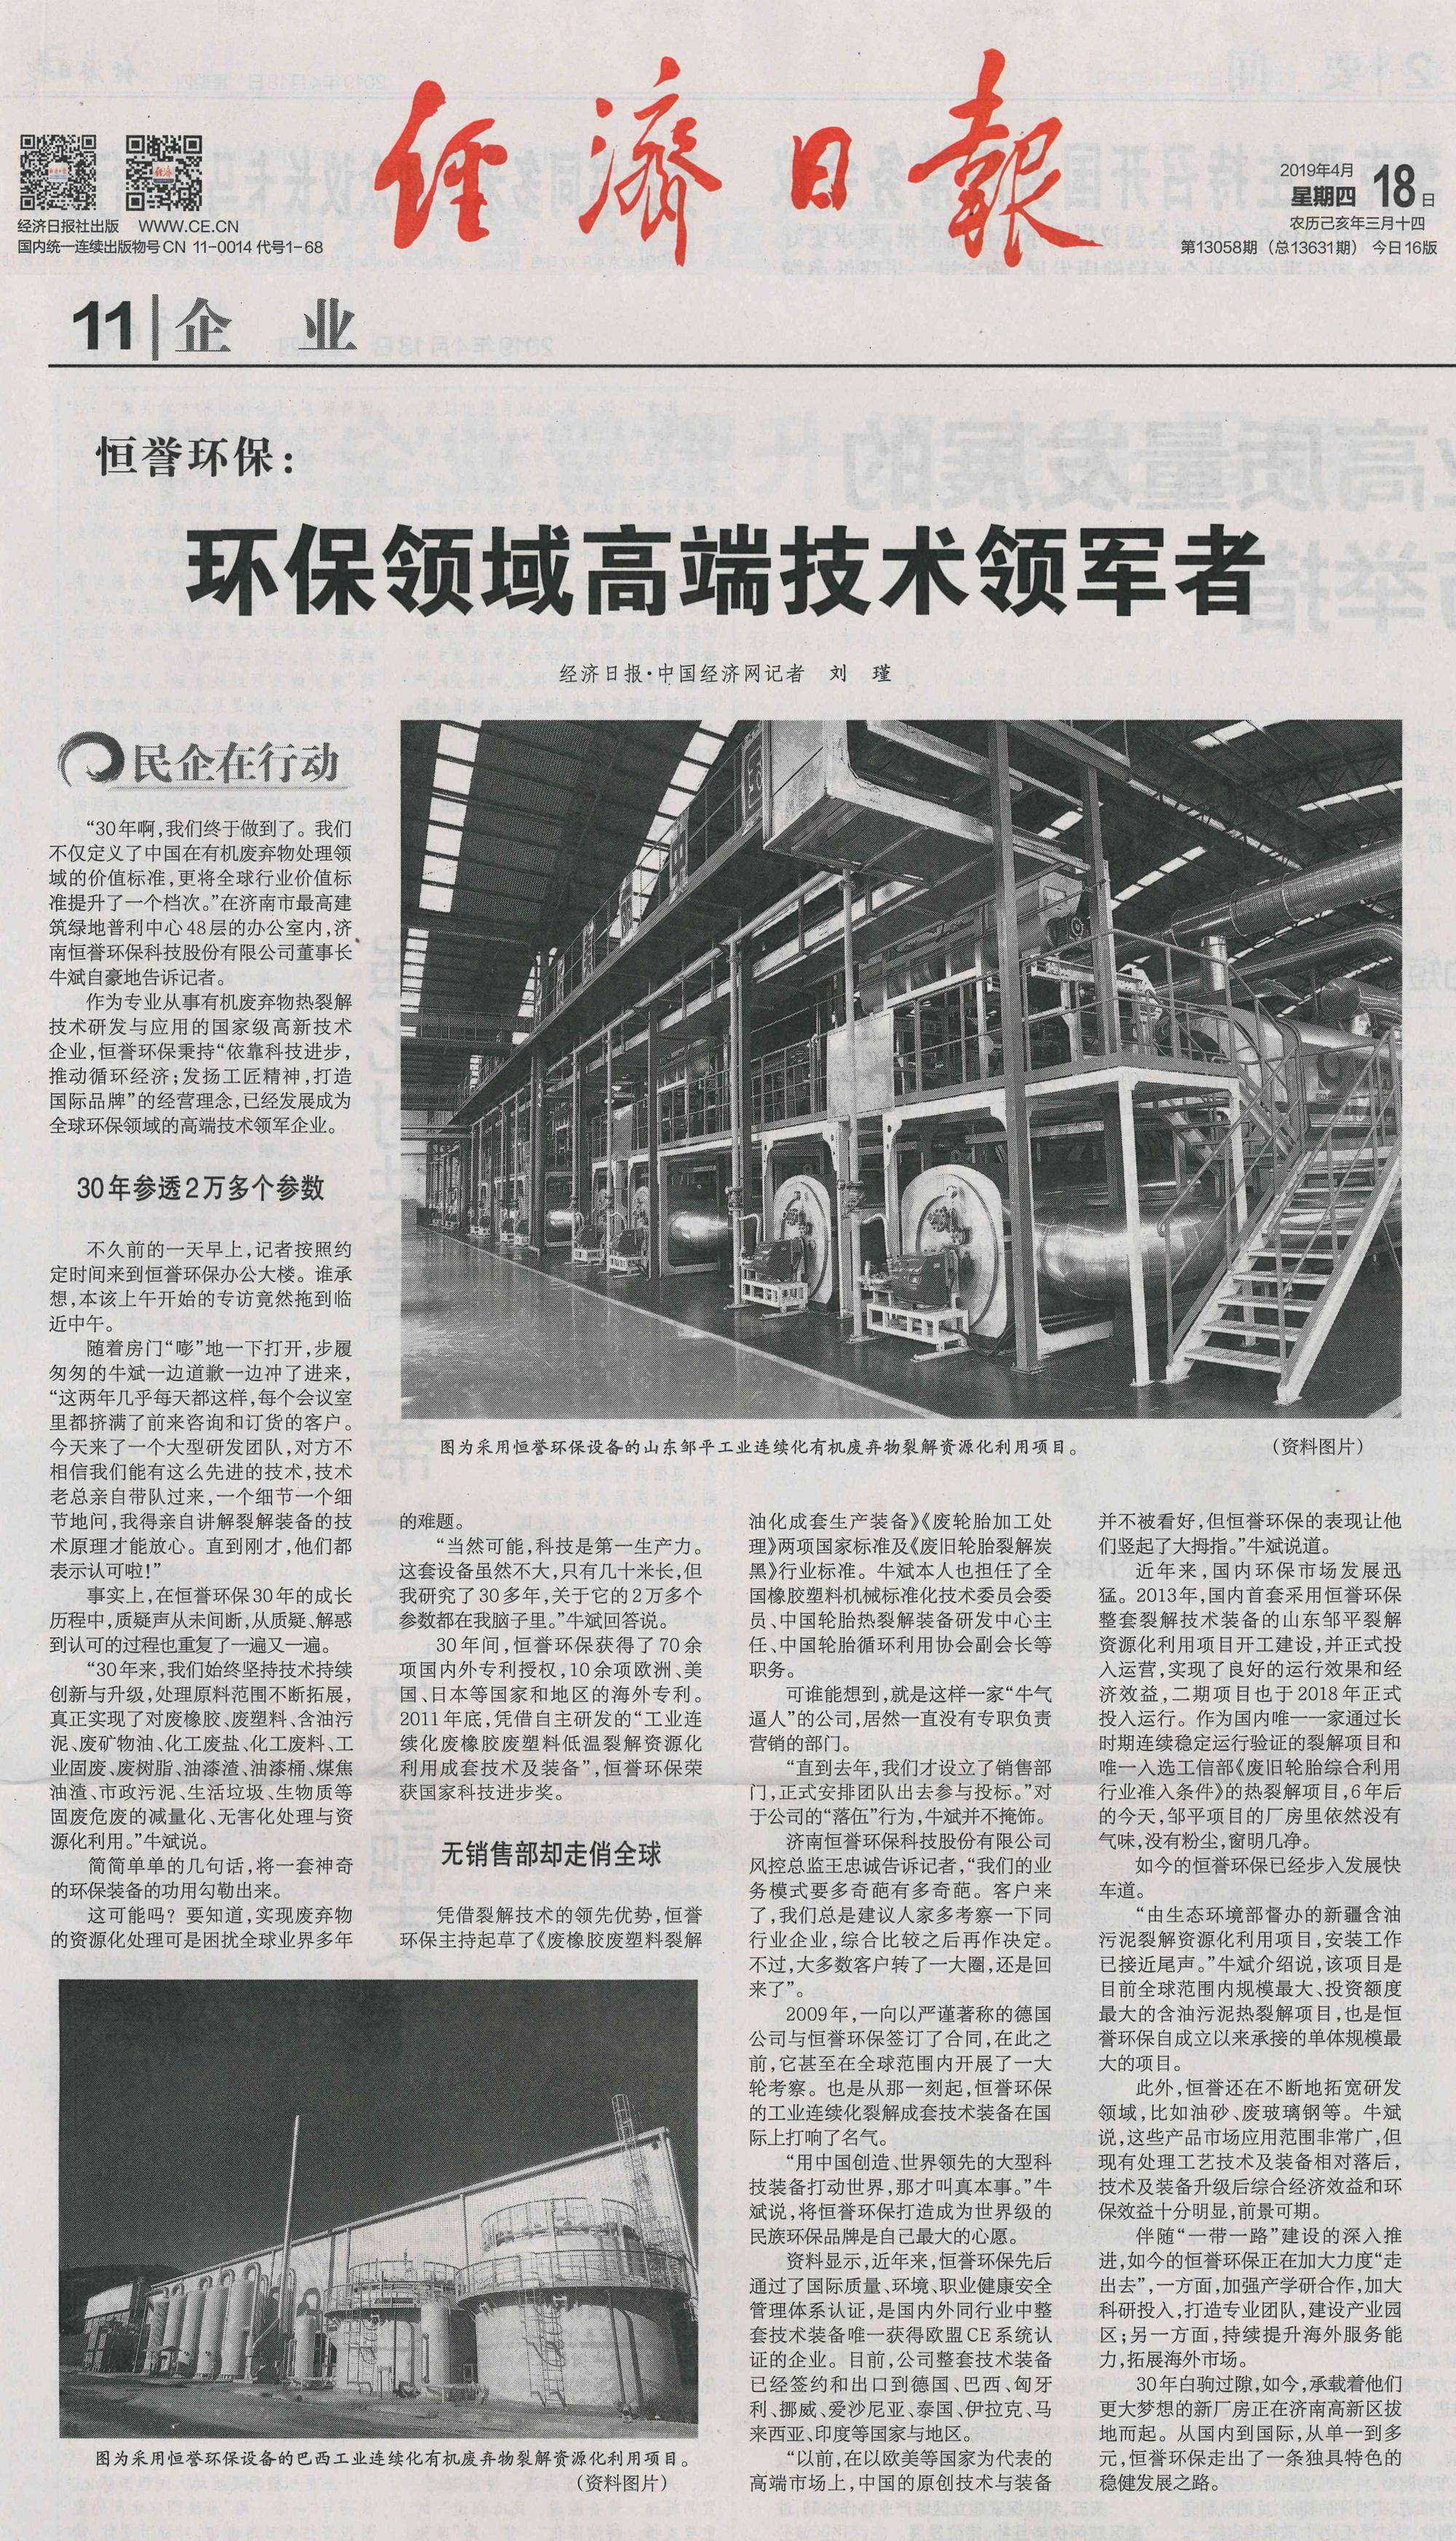 重磅丨《经济日报》:恒誉环保——环保领域高端技术领军者